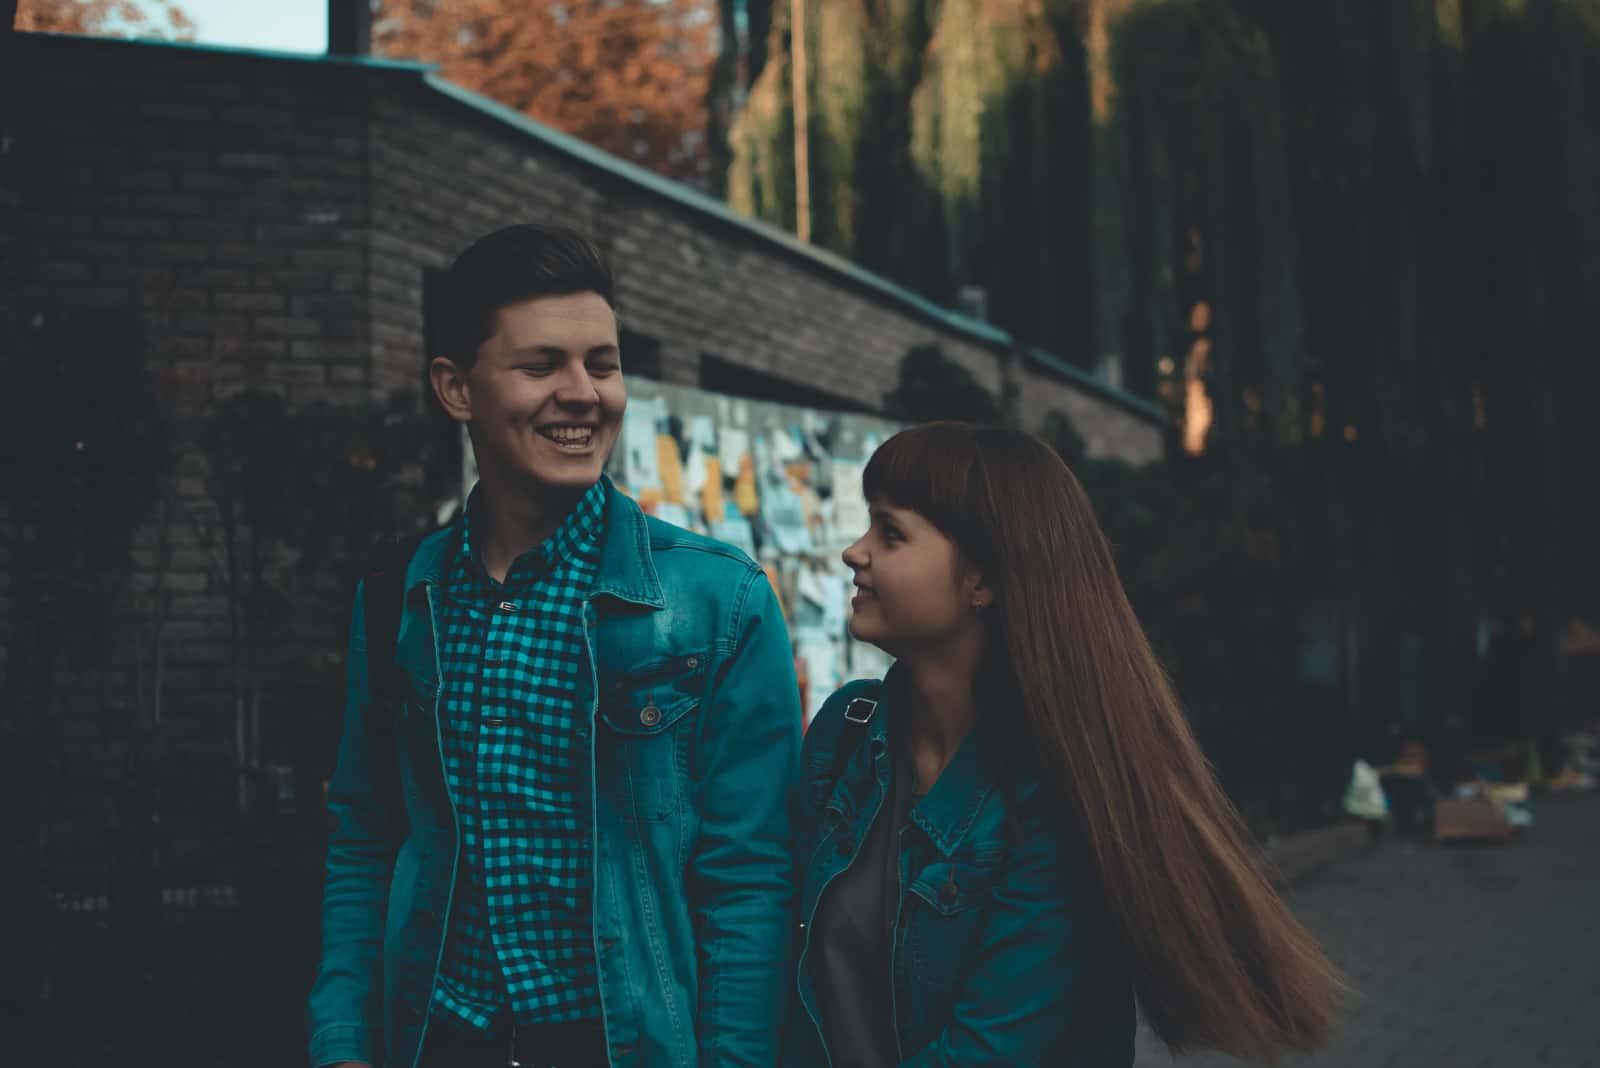 homme et femme tenant par la main en marchant dans la rue